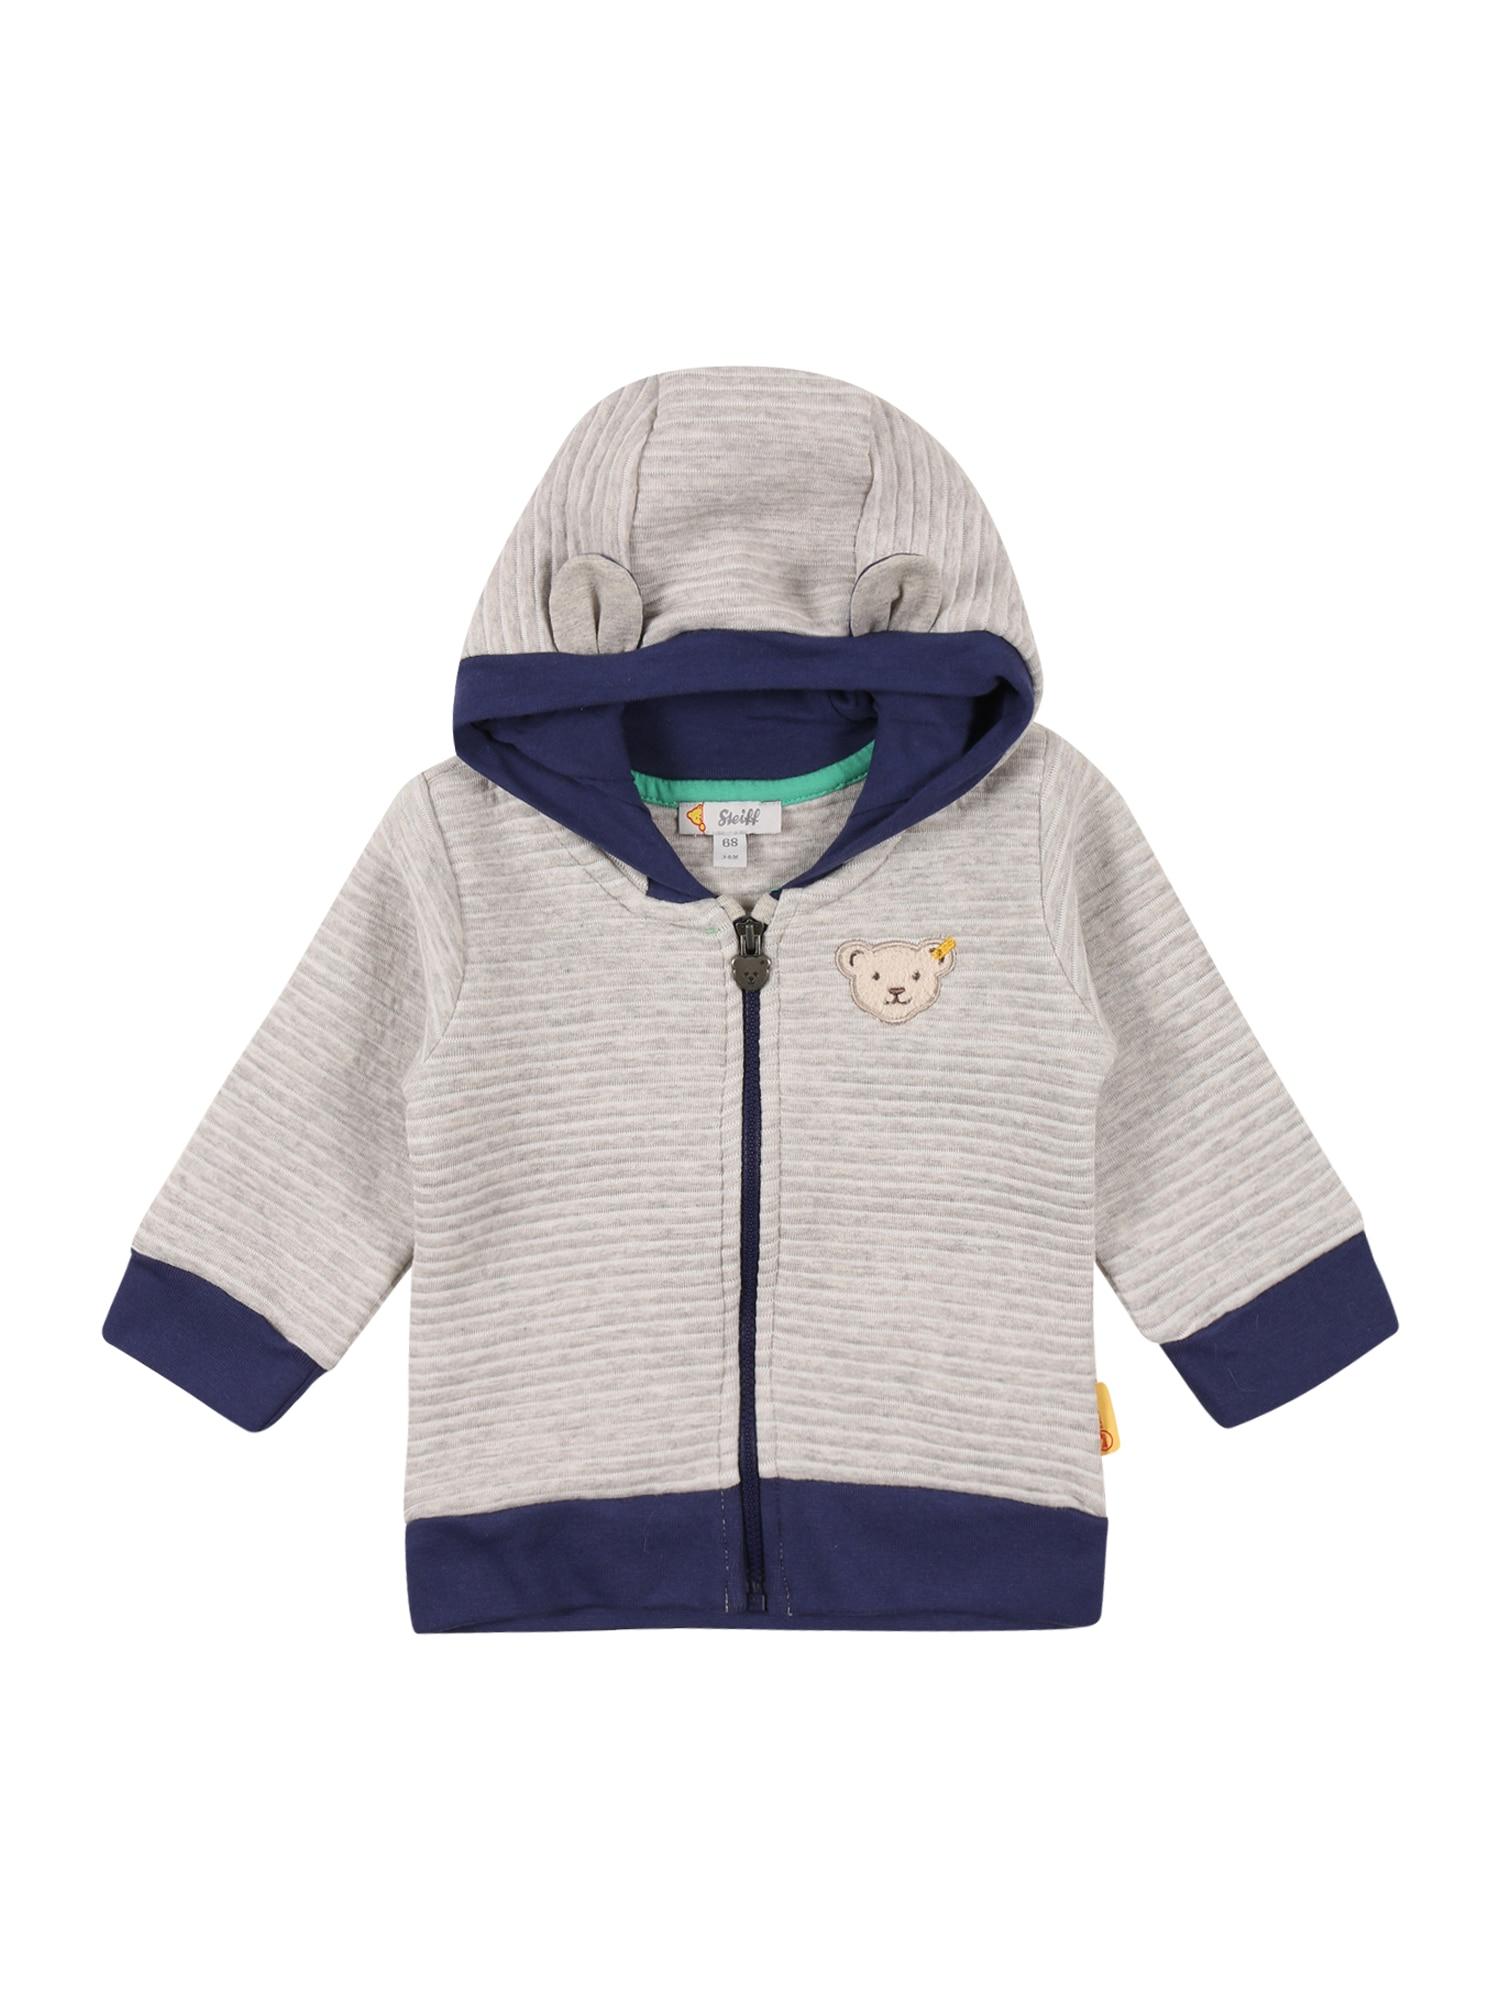 Steiff Collection Džemperis margai pilka / šviesiai pilka / tamsiai mėlyna jūros spalva